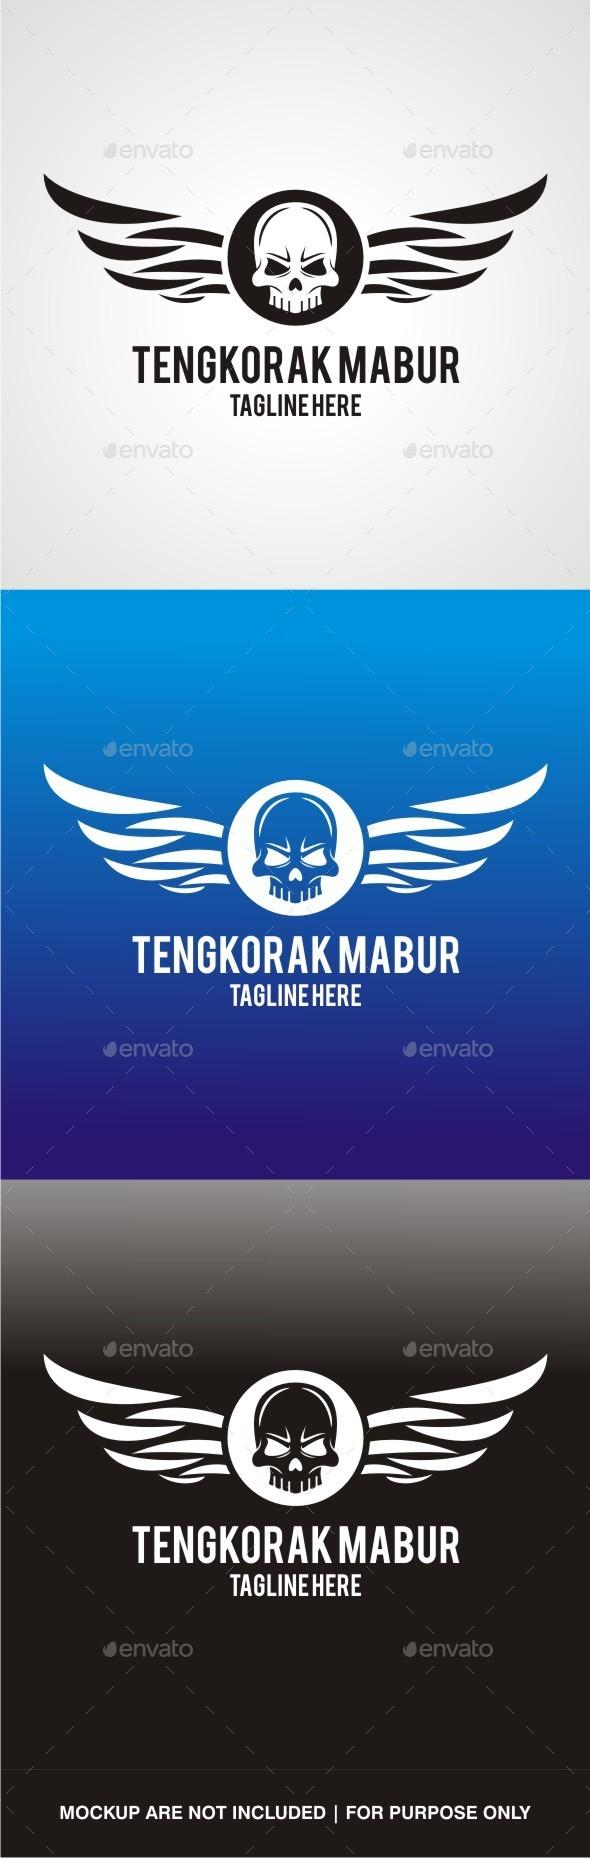 GraphicRiver Tengkorak Mabur V3 10655636